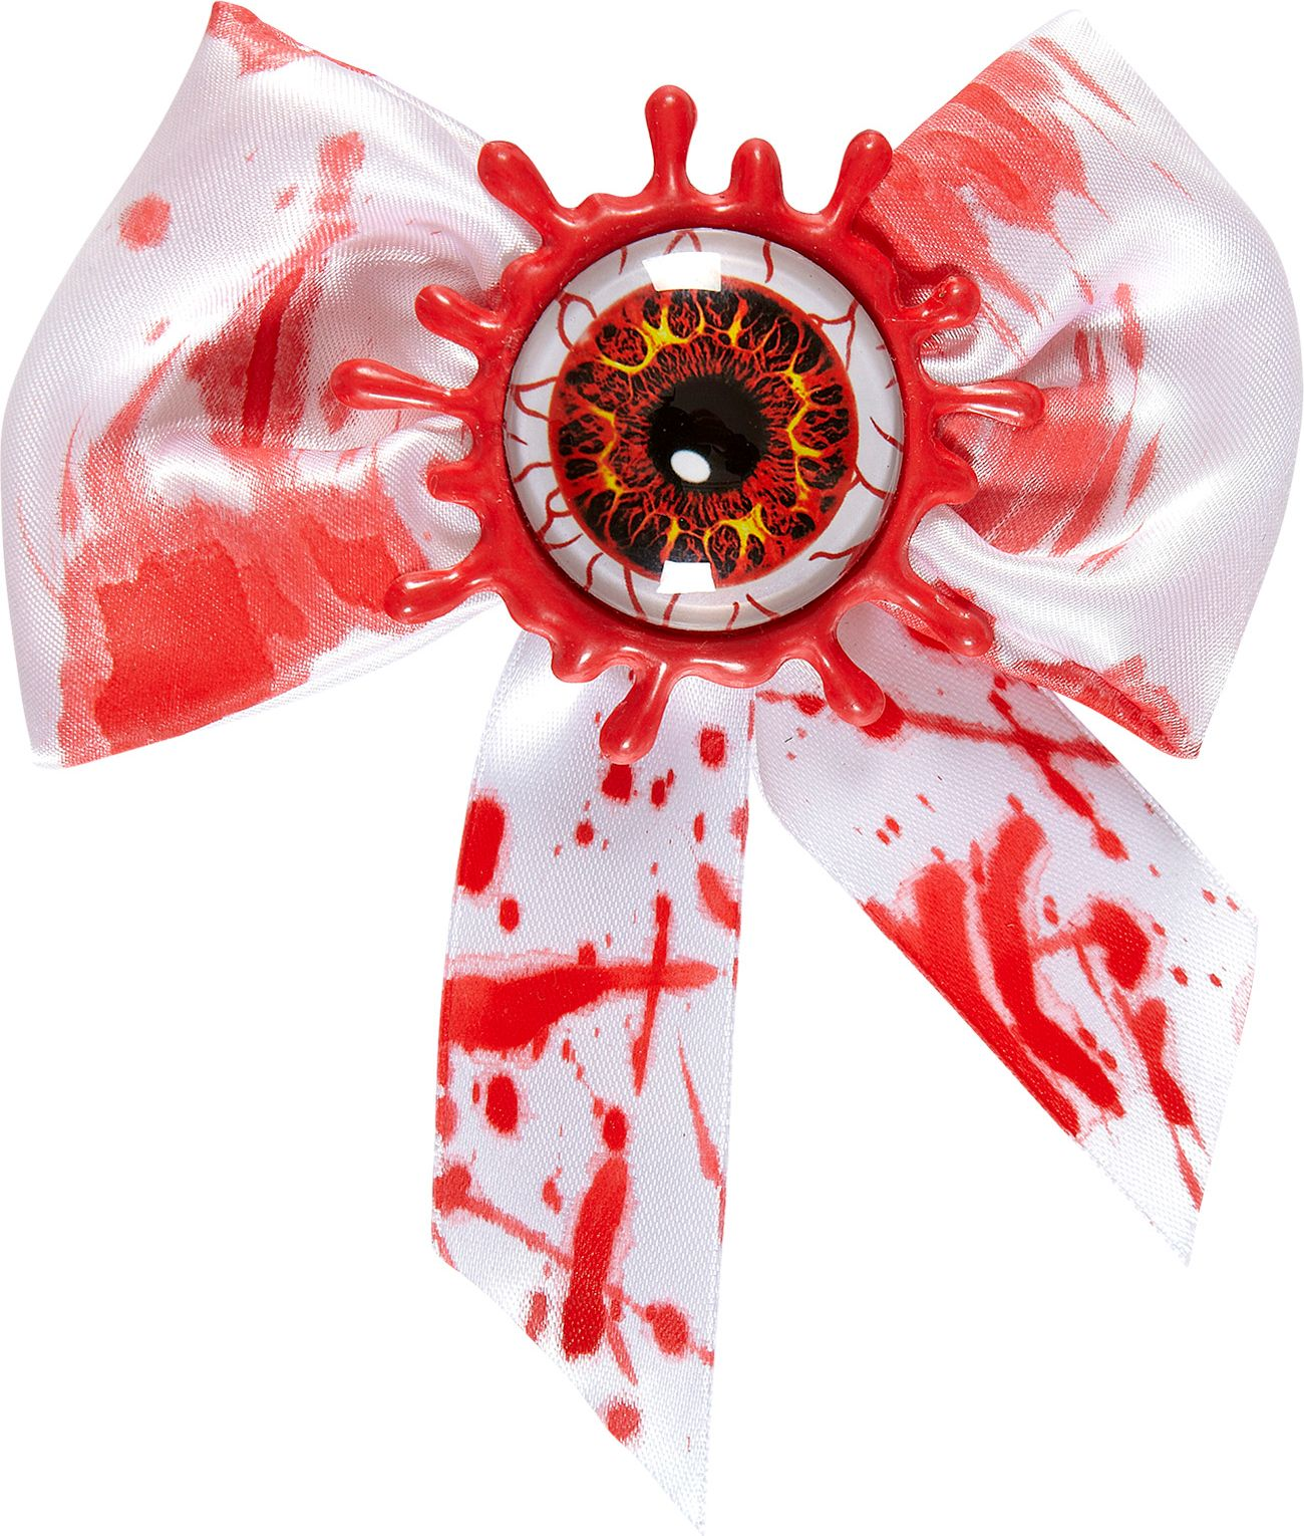 Bloedend oog vlinderstrik